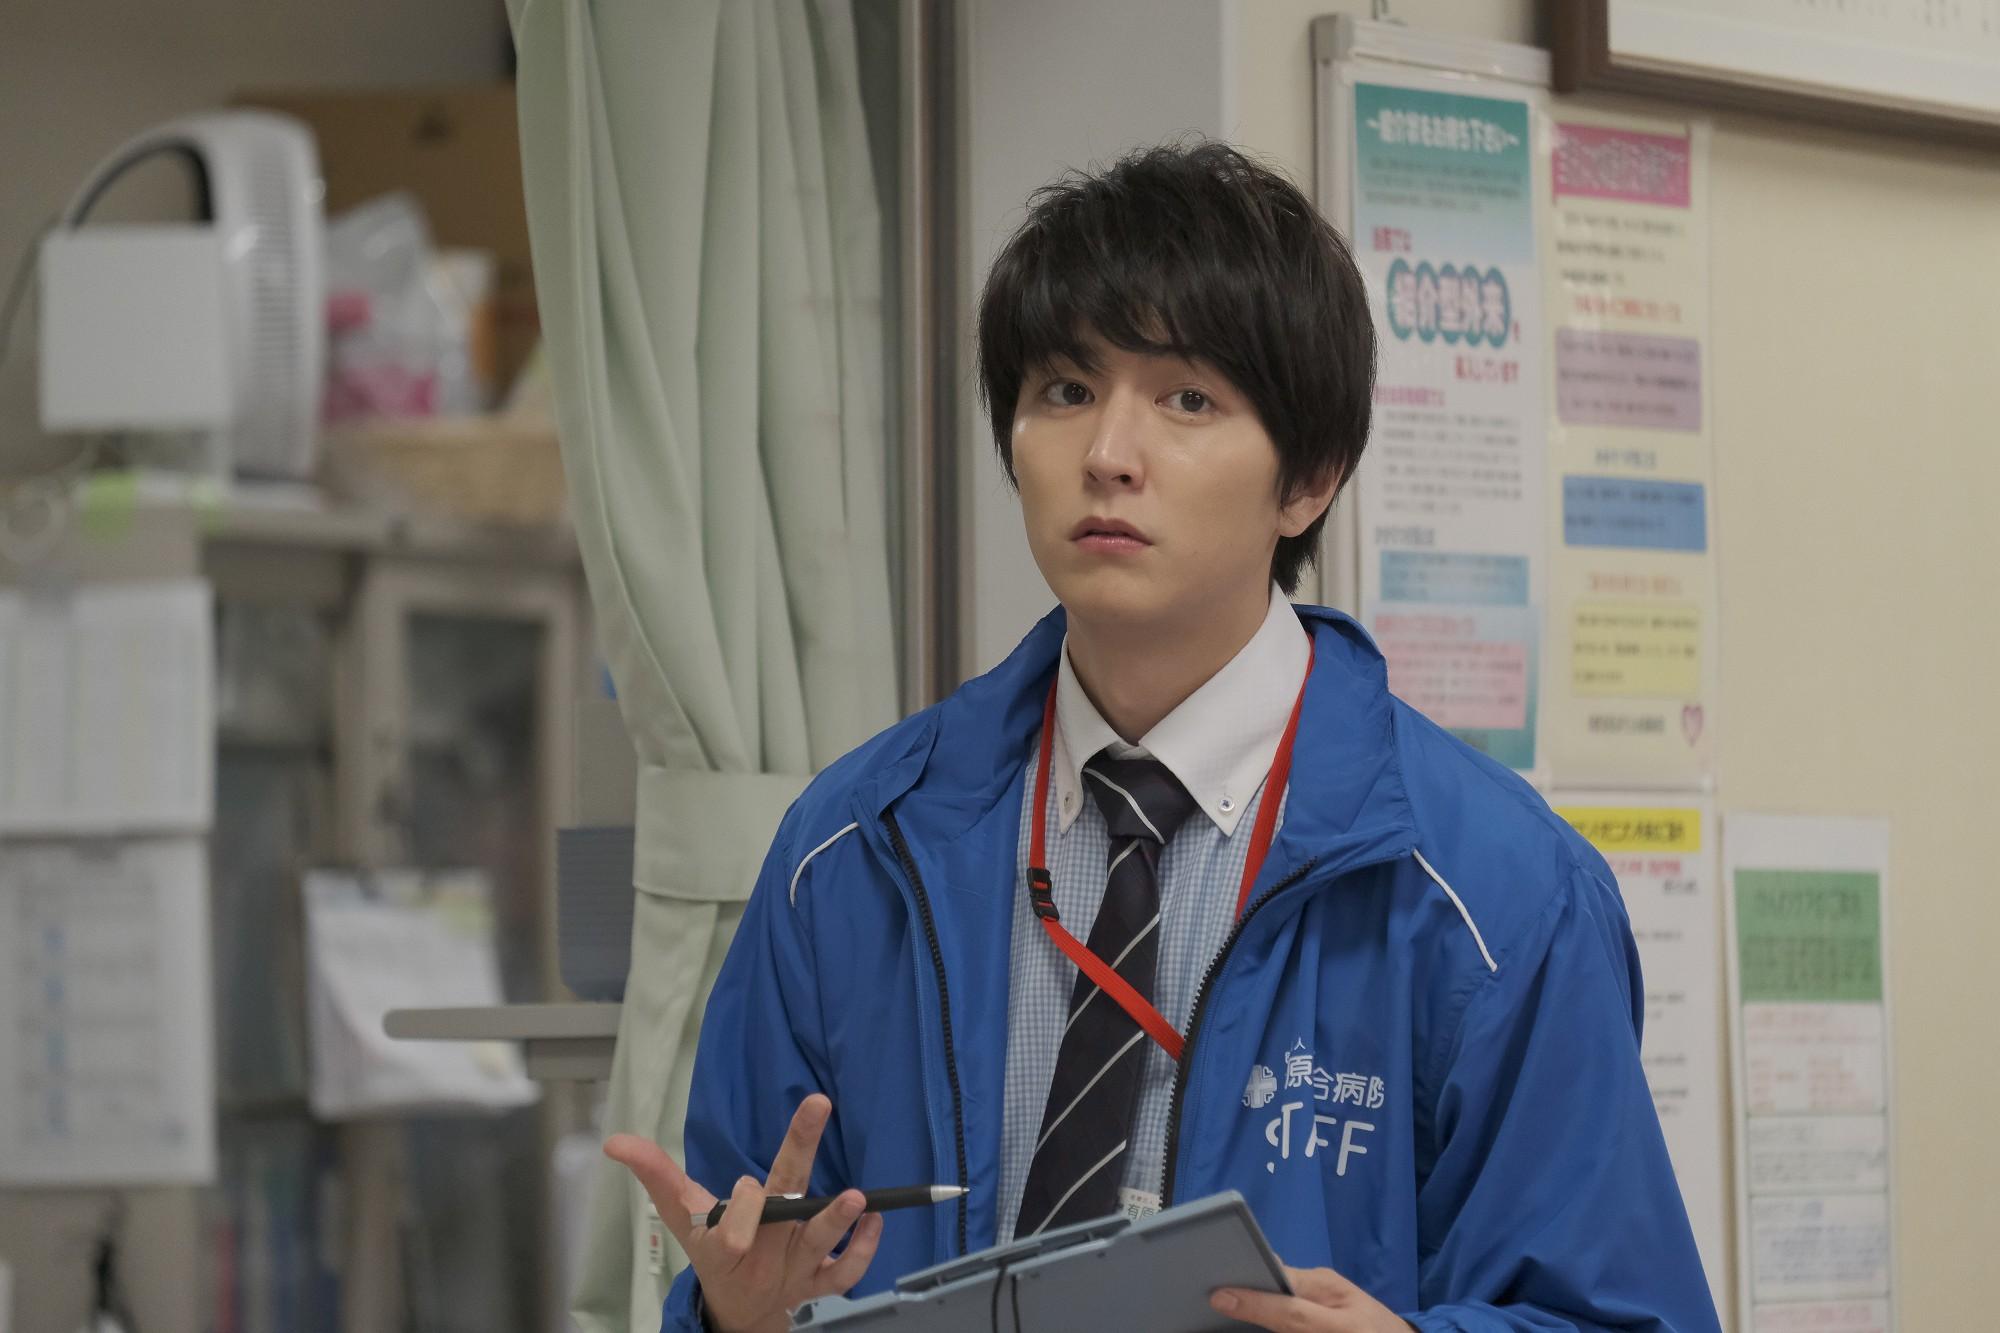 稲葉友がドラマBiz『病院の治しかた~ドクター有原の挑戦~』に出演!コメント到着!